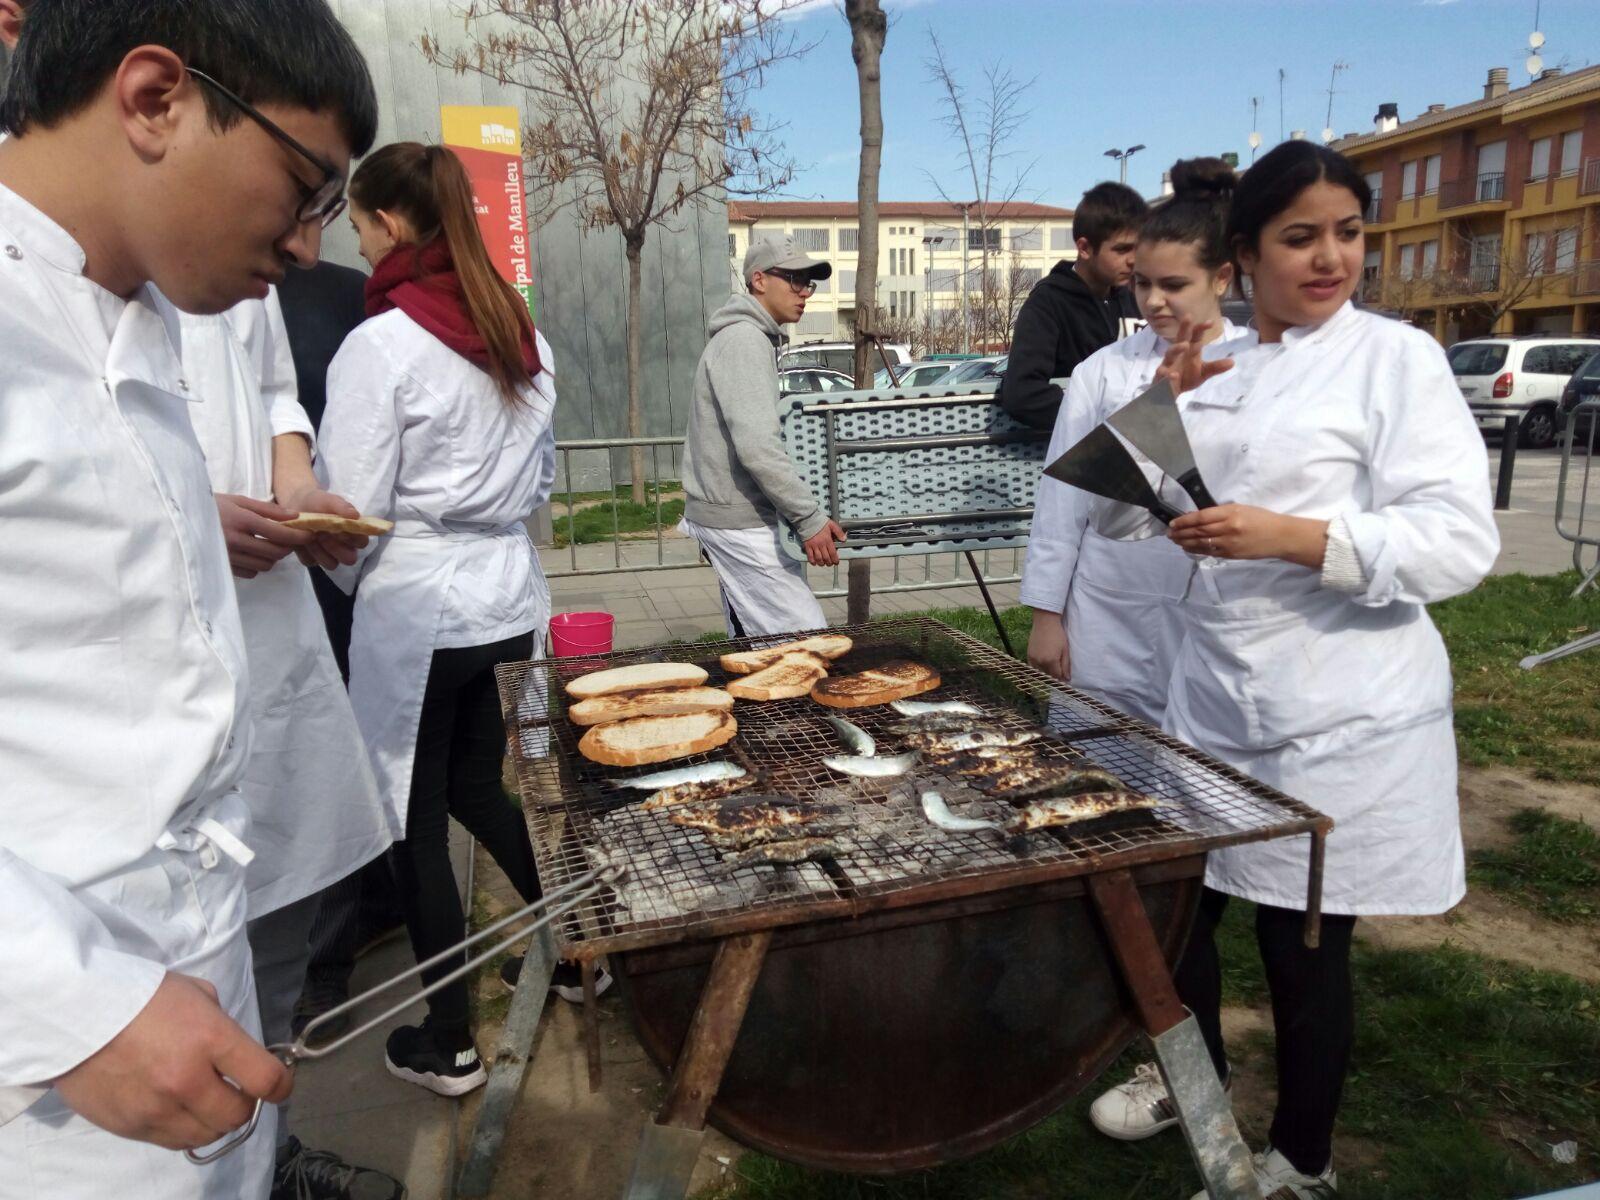 Sardinada organitzada pels comerciants del Mercat Municipal juntament amb els alumnes del curs d'auxiliar de cuina